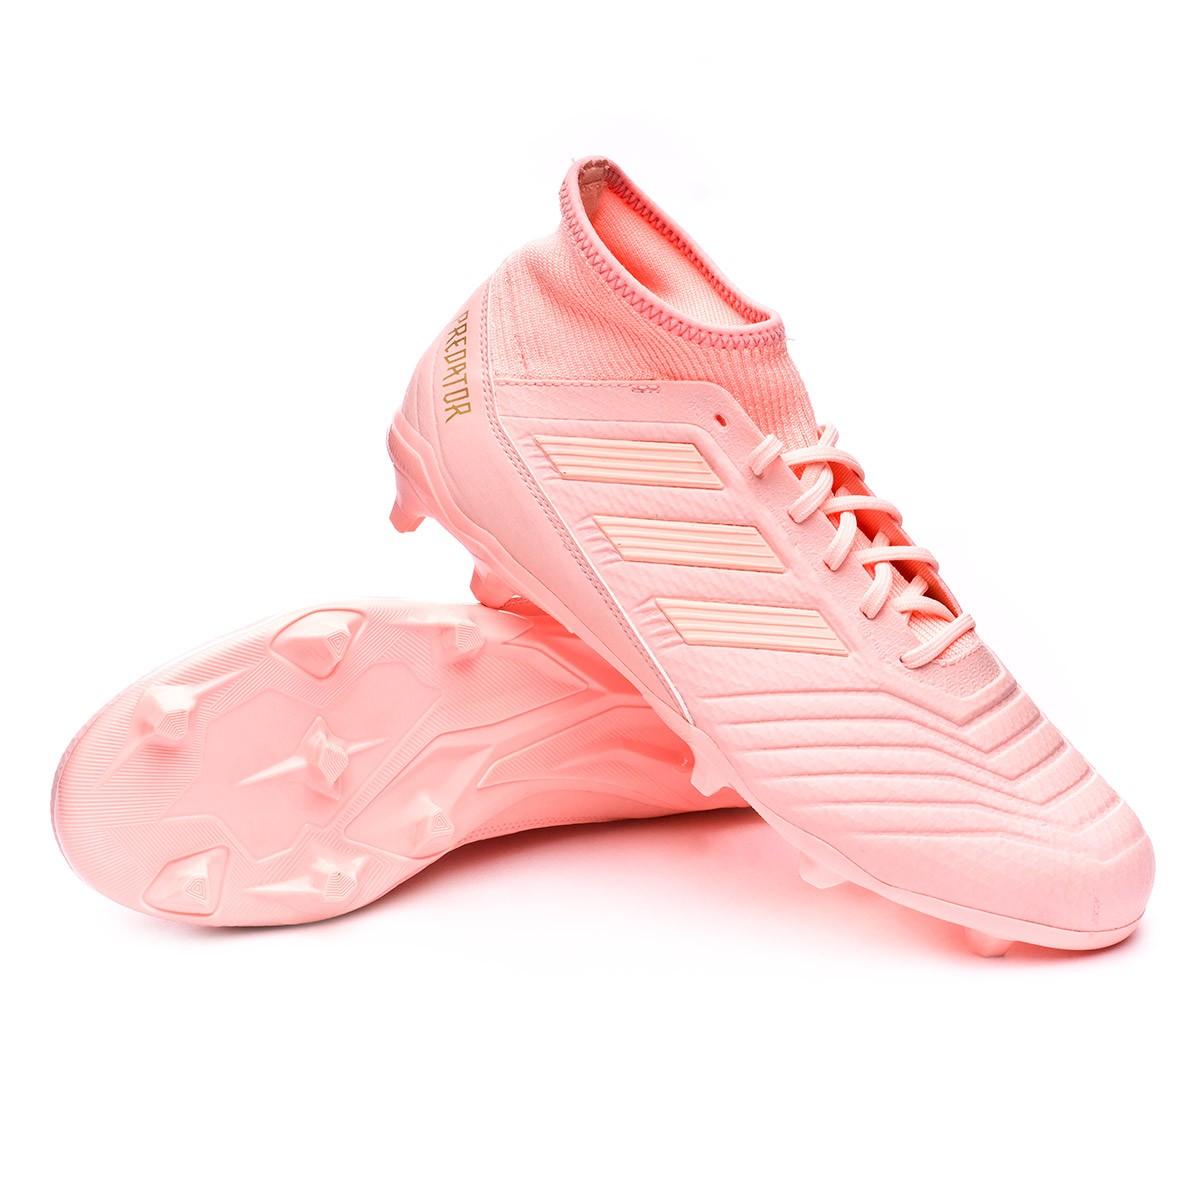 estilo actualizado última venta zapatos exclusivos adidas predator 18.3 fg rosa